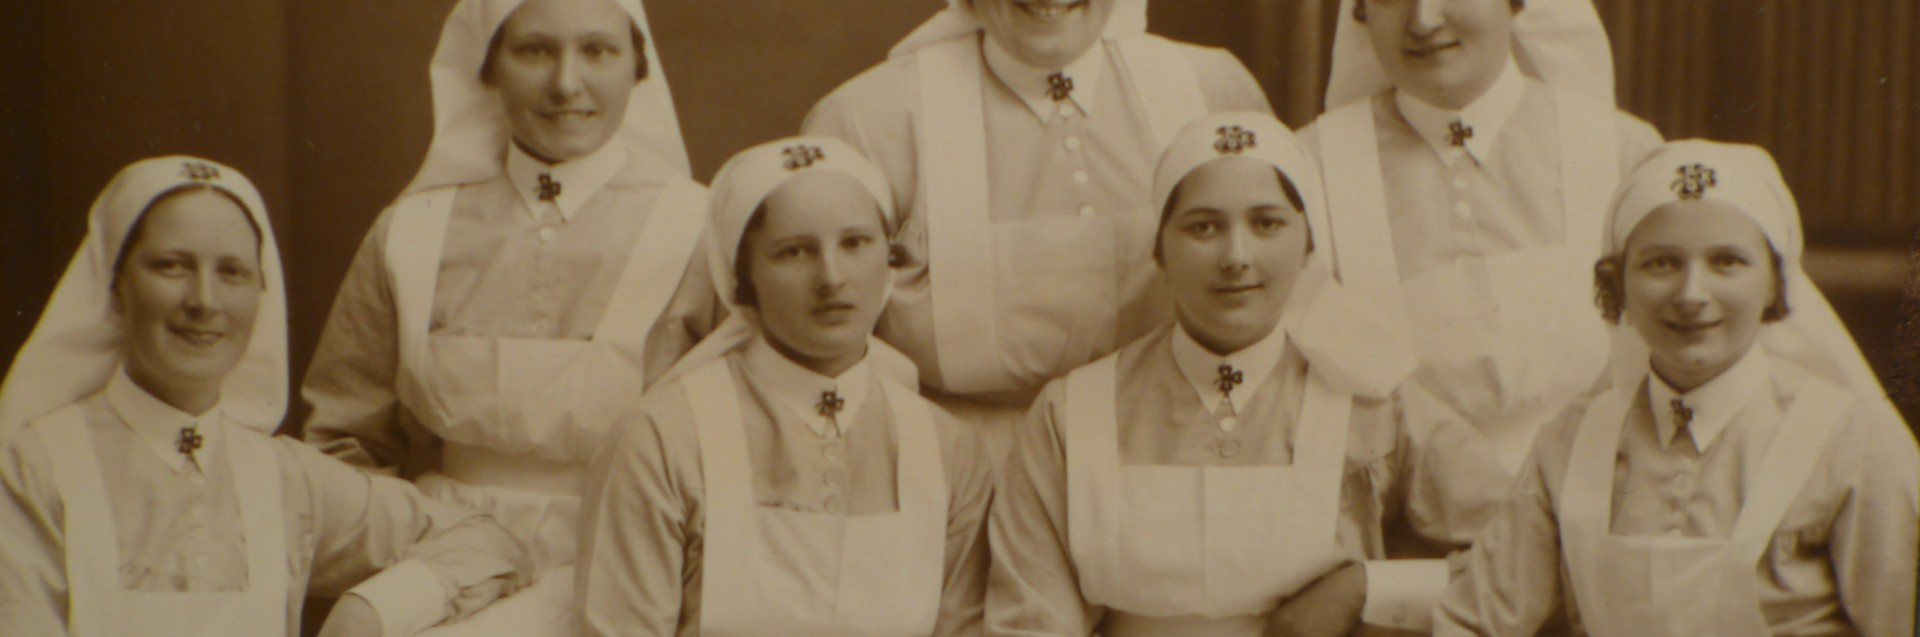 Søsterelever